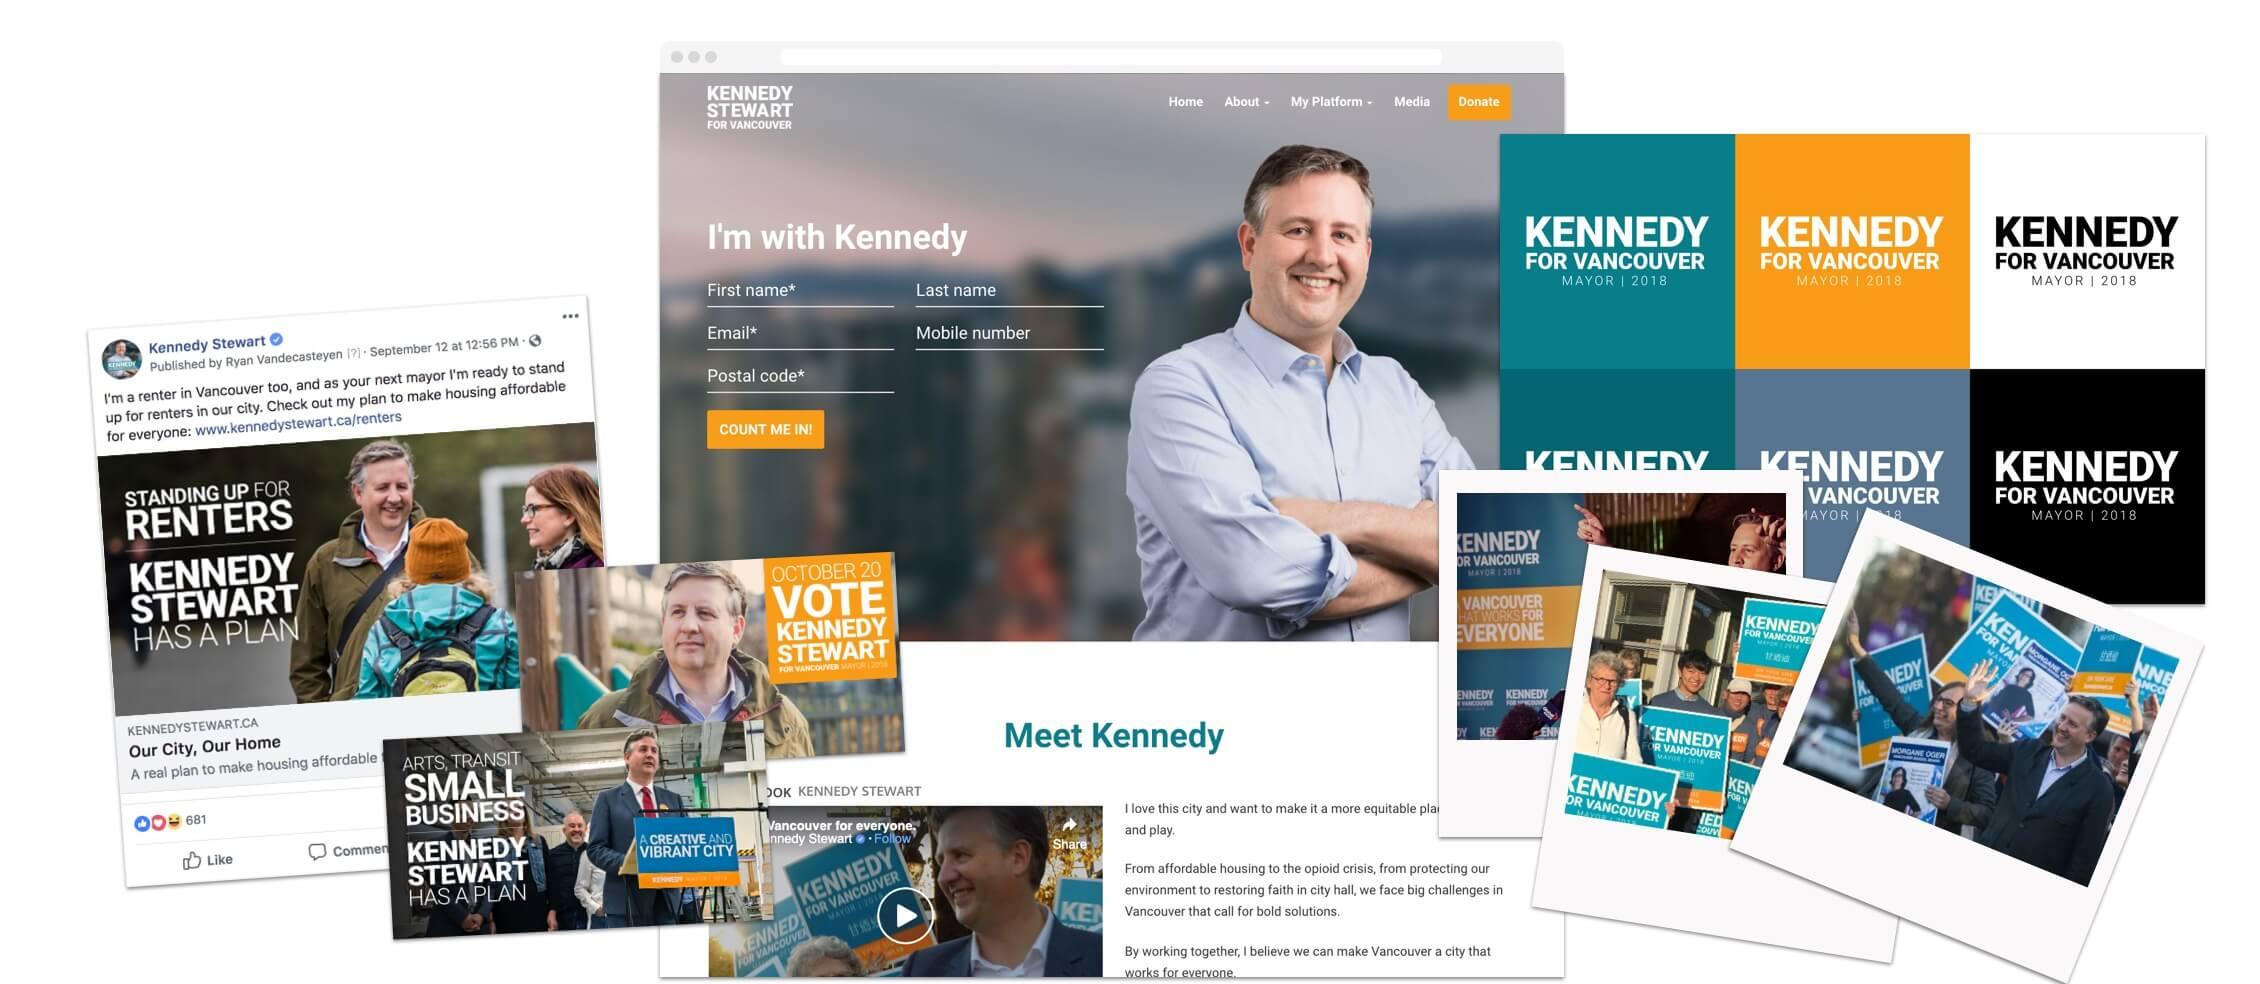 kennedy-stewart-visual-identity_(1).jpg